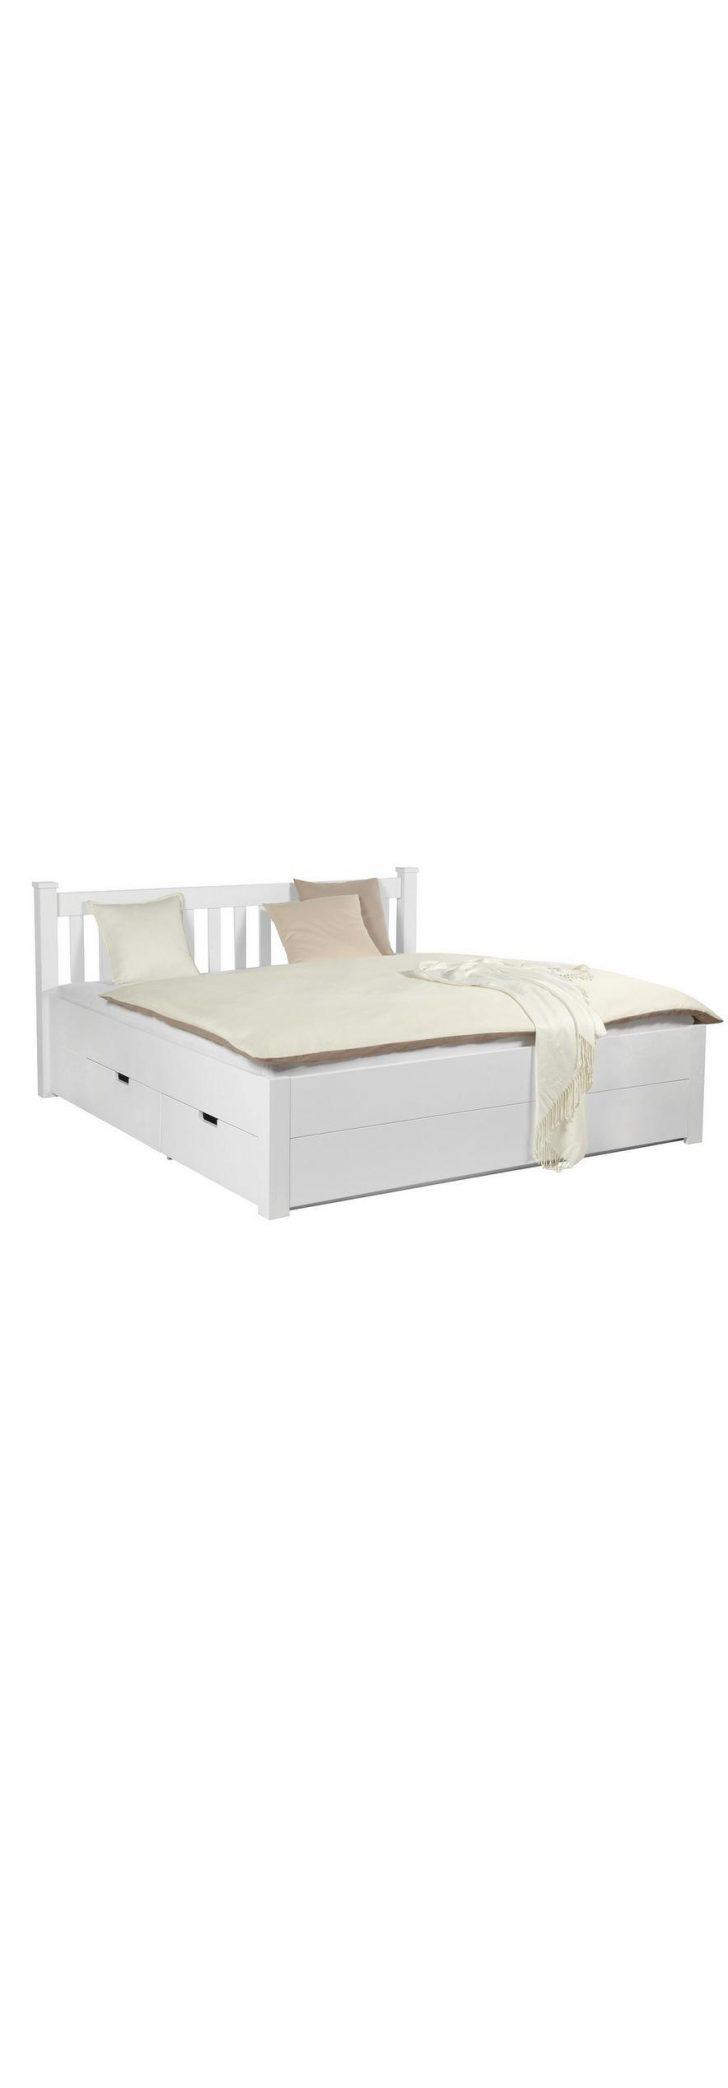 Medium Size of Landhaus Bett In Wei Ca 140x200cm Online Kaufen Mmax Betten überlänge Metall Selber Bauen 180x200 Mit Schubladen Weiß 120x200 Regal Japanische Bett Landhaus Bett